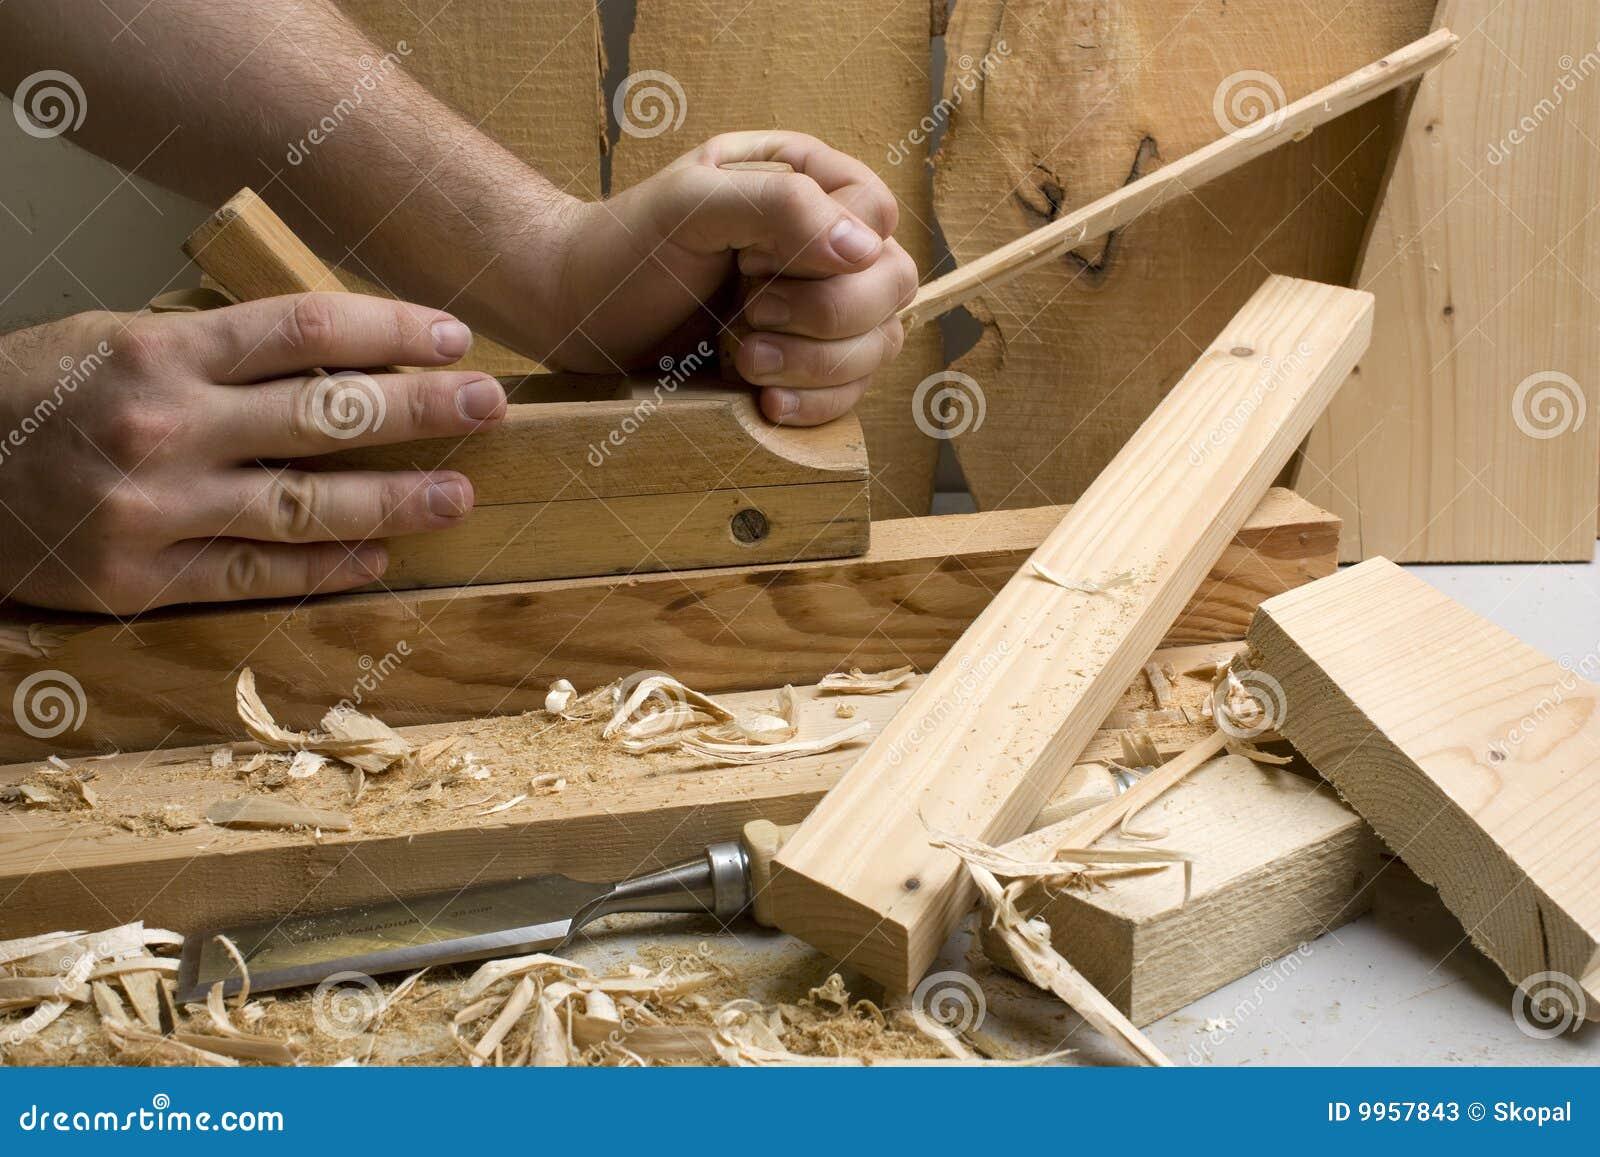 Atelier de menuiserie avec les outils en bois photos stock image 9957843 - Atelier menuiserie a vendre ...